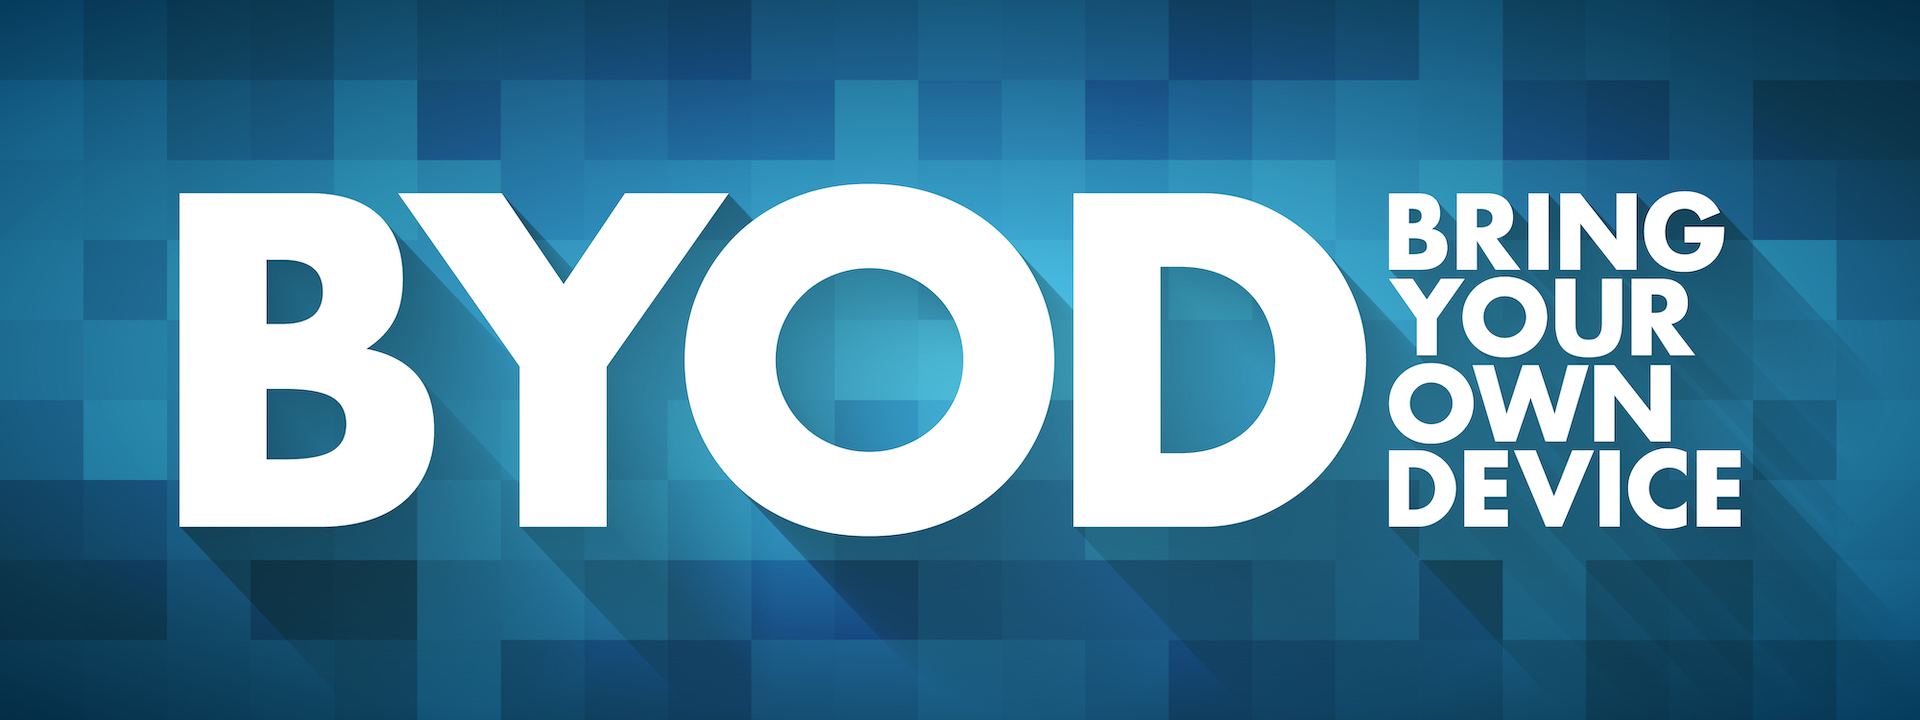 BYOD1920-01